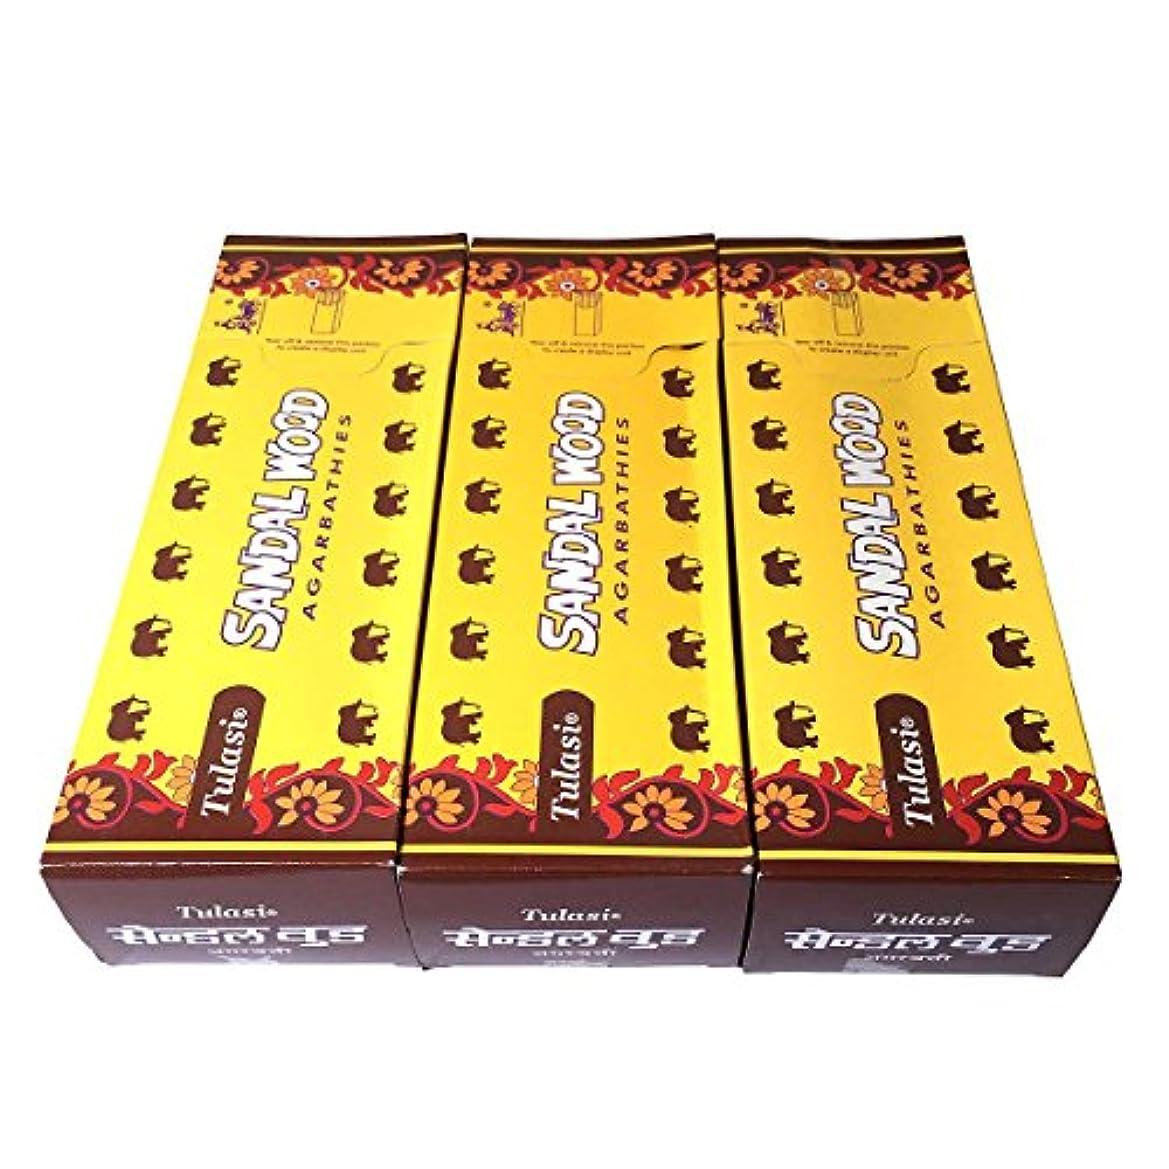 休憩中間変動するサンダルウッド香スティック 3BOX(18箱) /TULASI SANDAL WOOD/インセンス/インド香 お香 [並行輸入品]